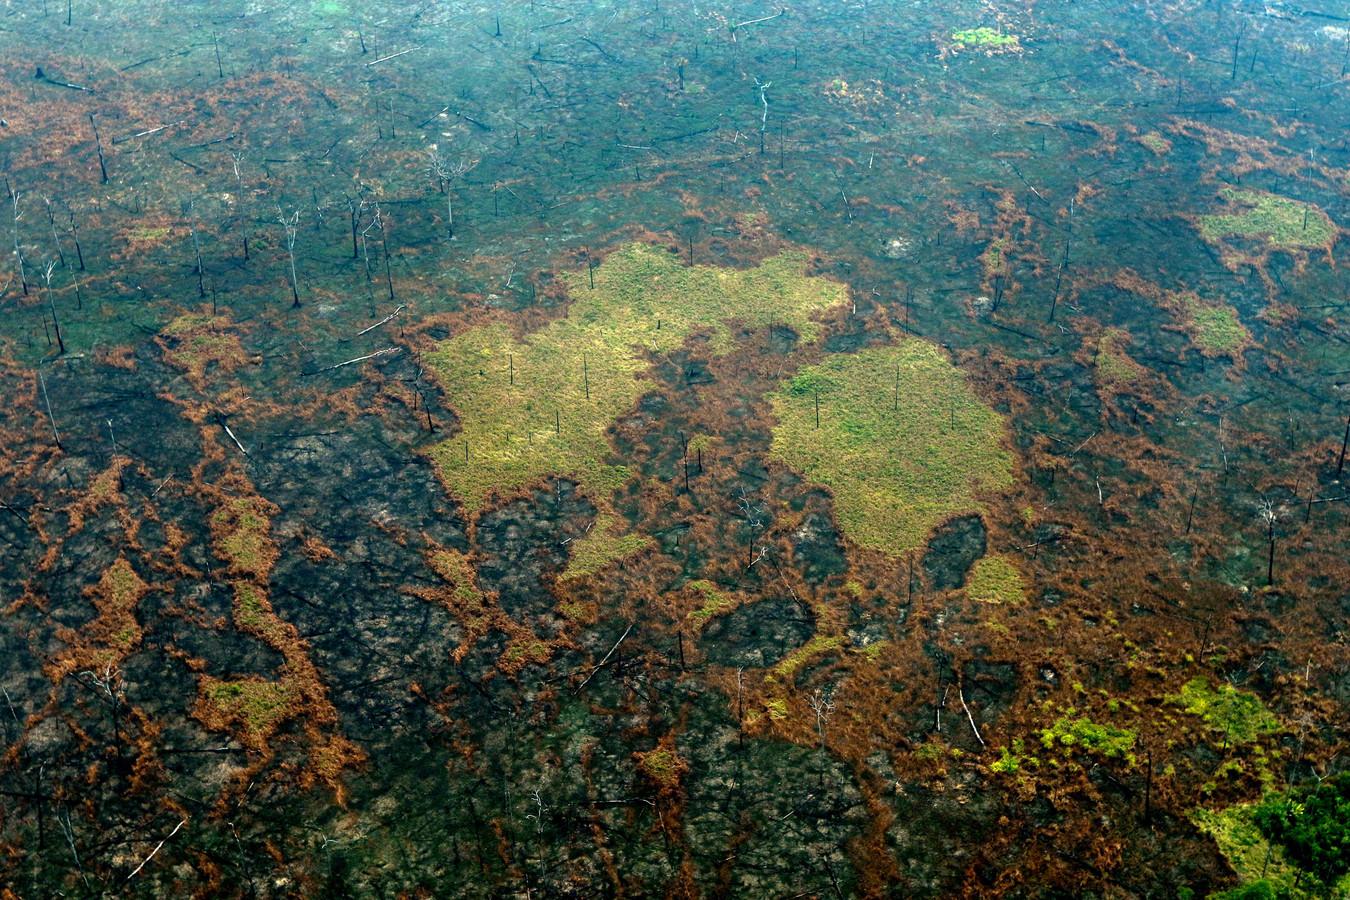 Een luchtfoto van het Amazone-regenwoud in Brazilië.